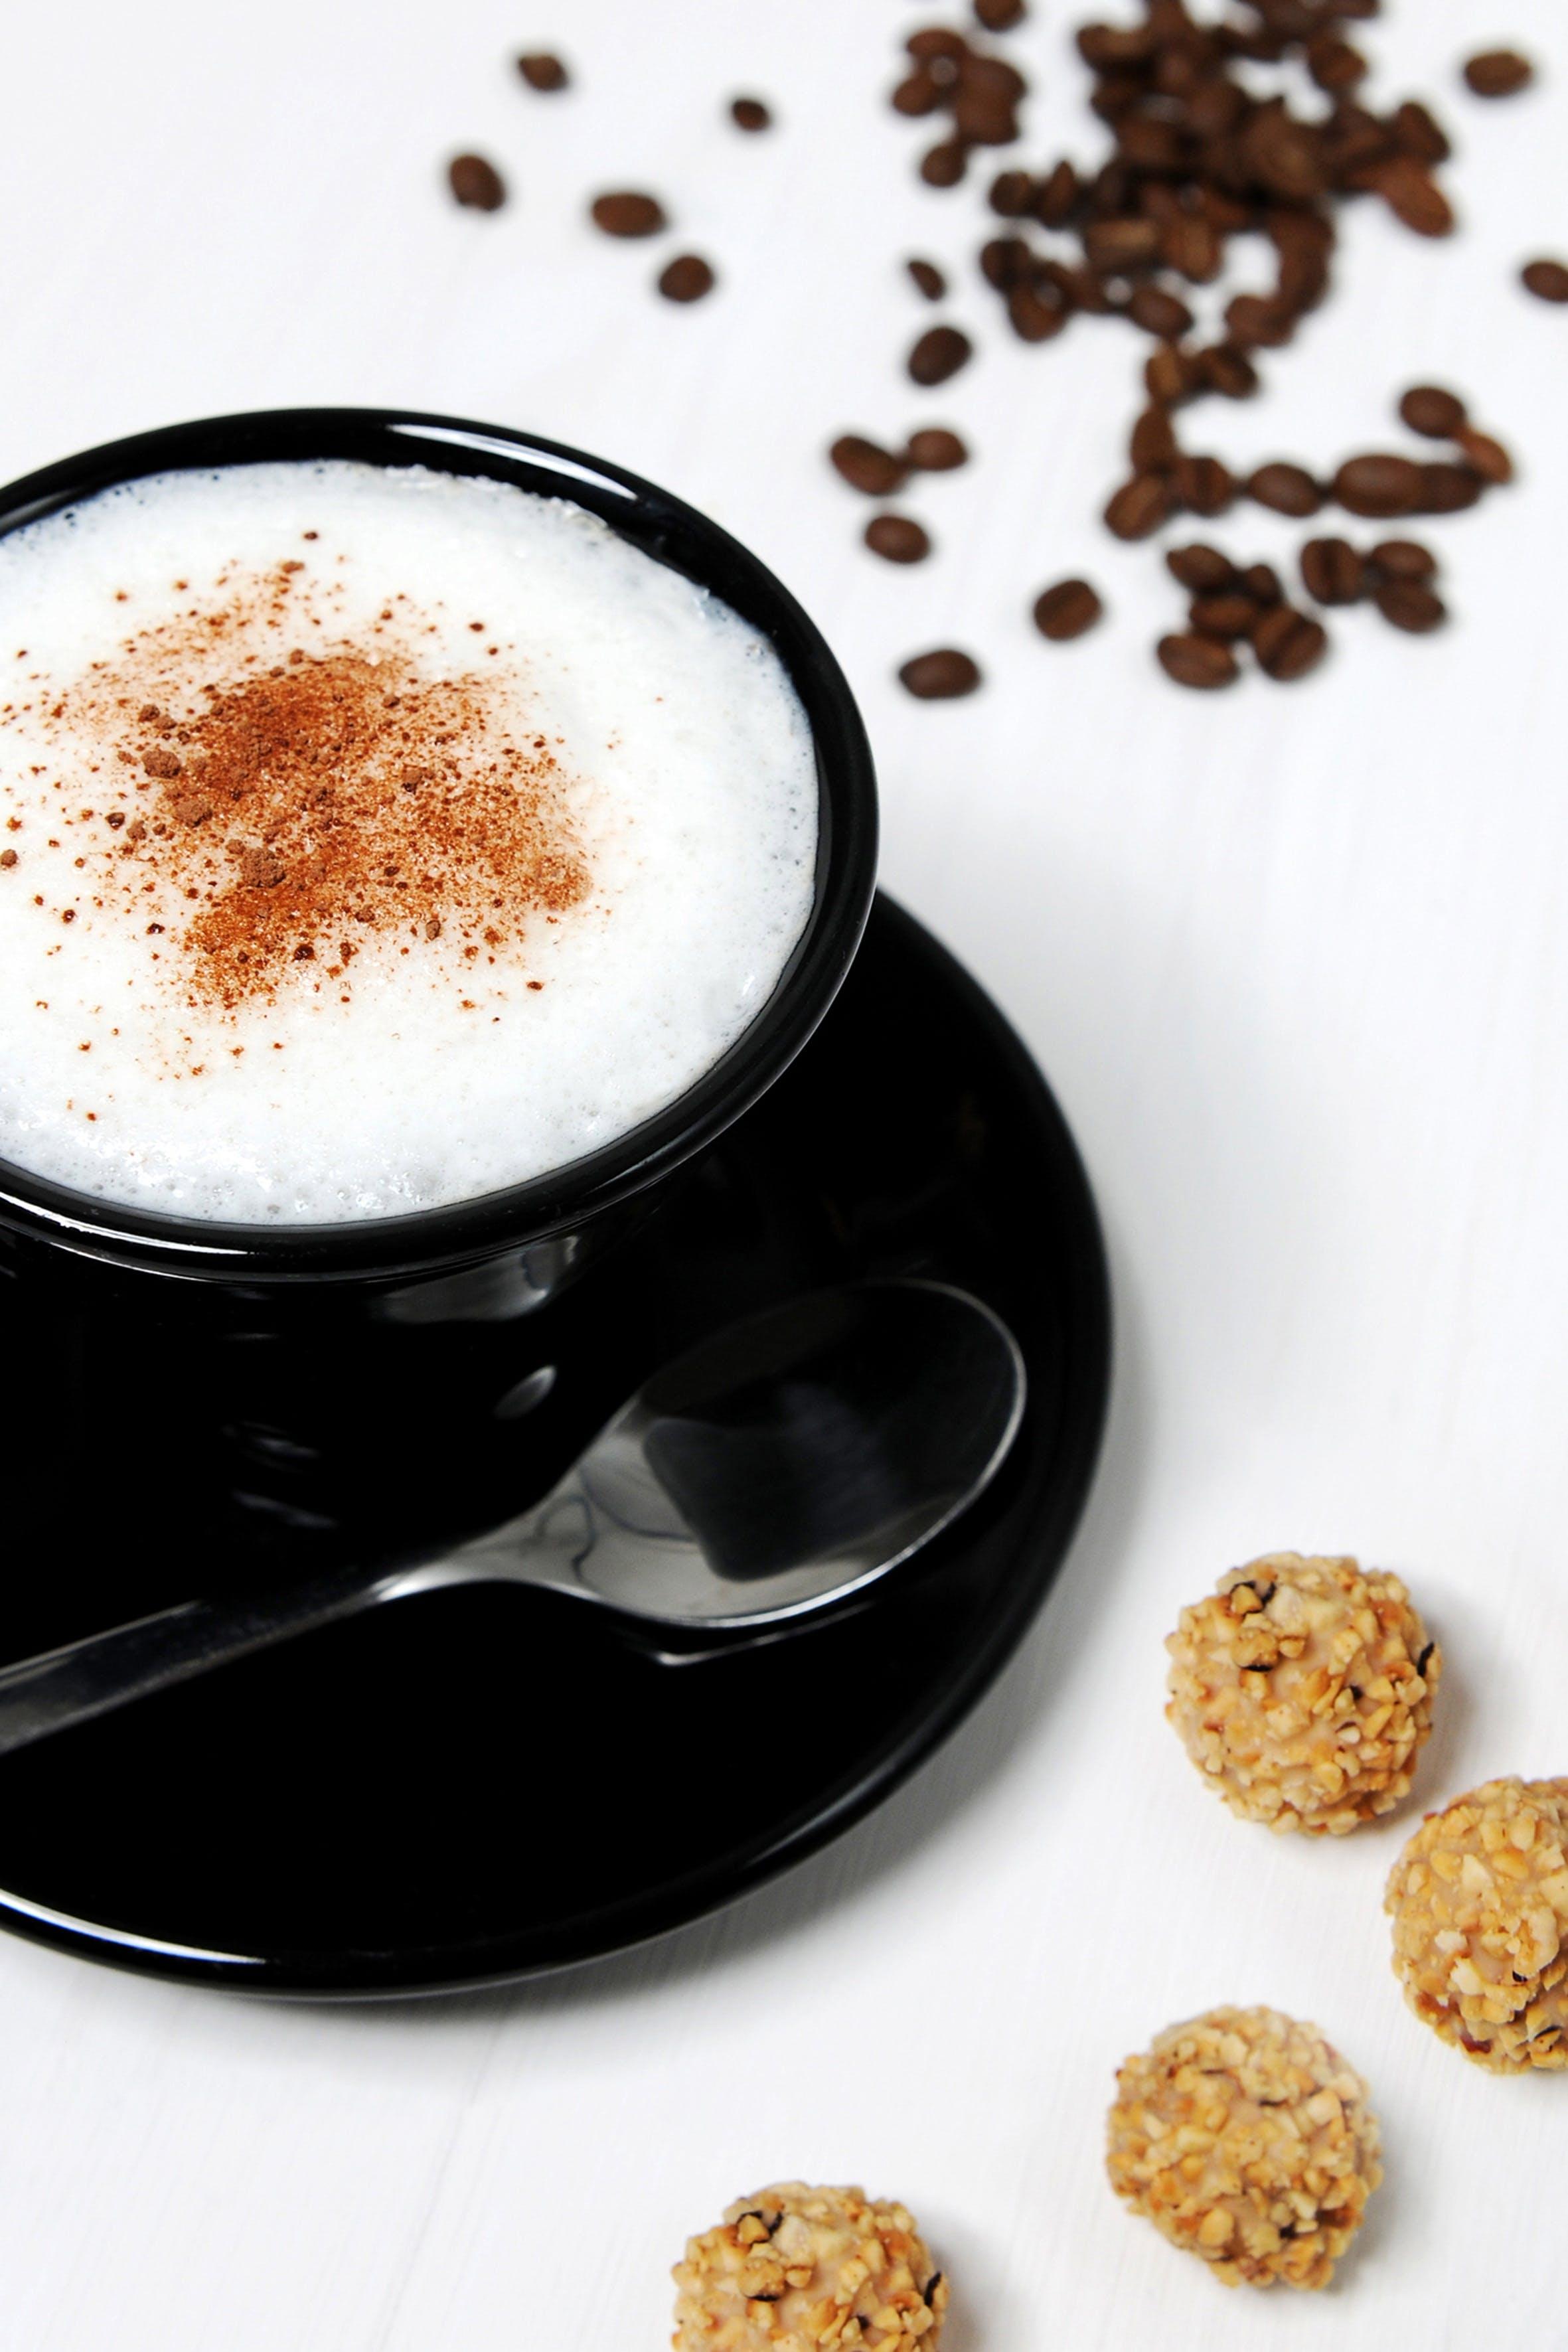 Black Ceramic Teacup With White Liquid in It